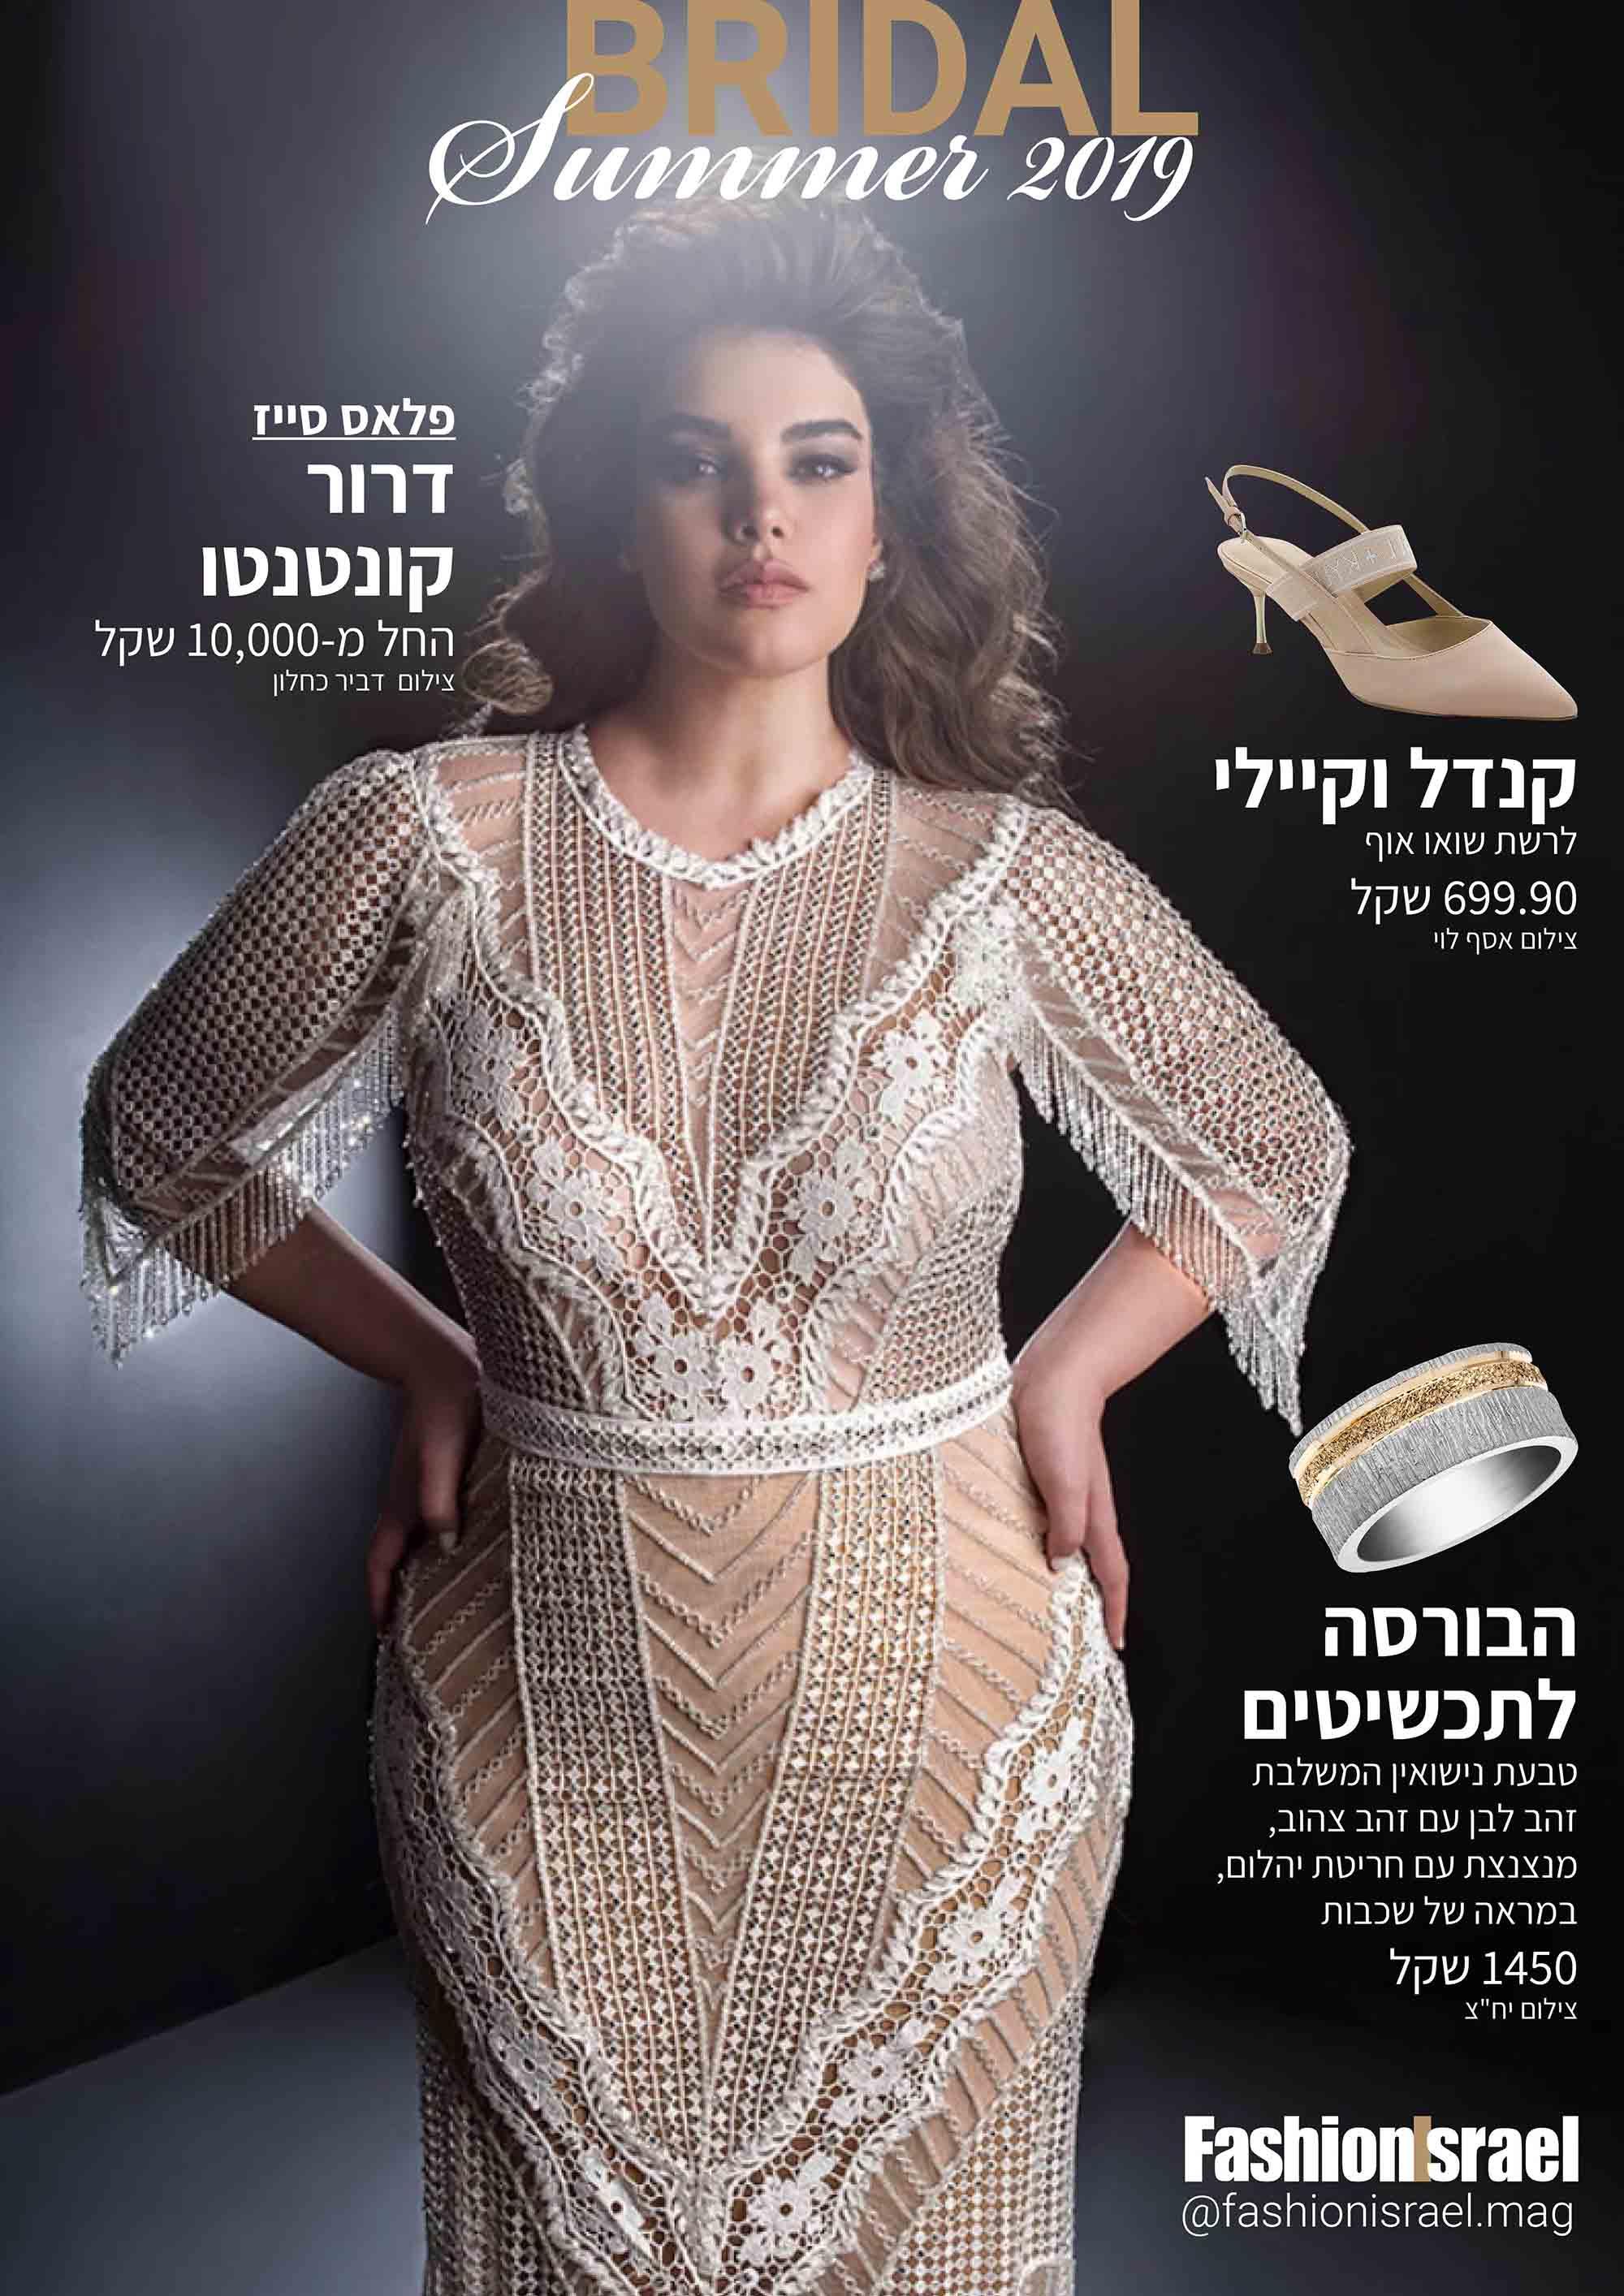 שמלת כלה: דרור קונטנטו, תכשיטים: הבורסה לתכשיטים, נעליים: קנדל וקיילי